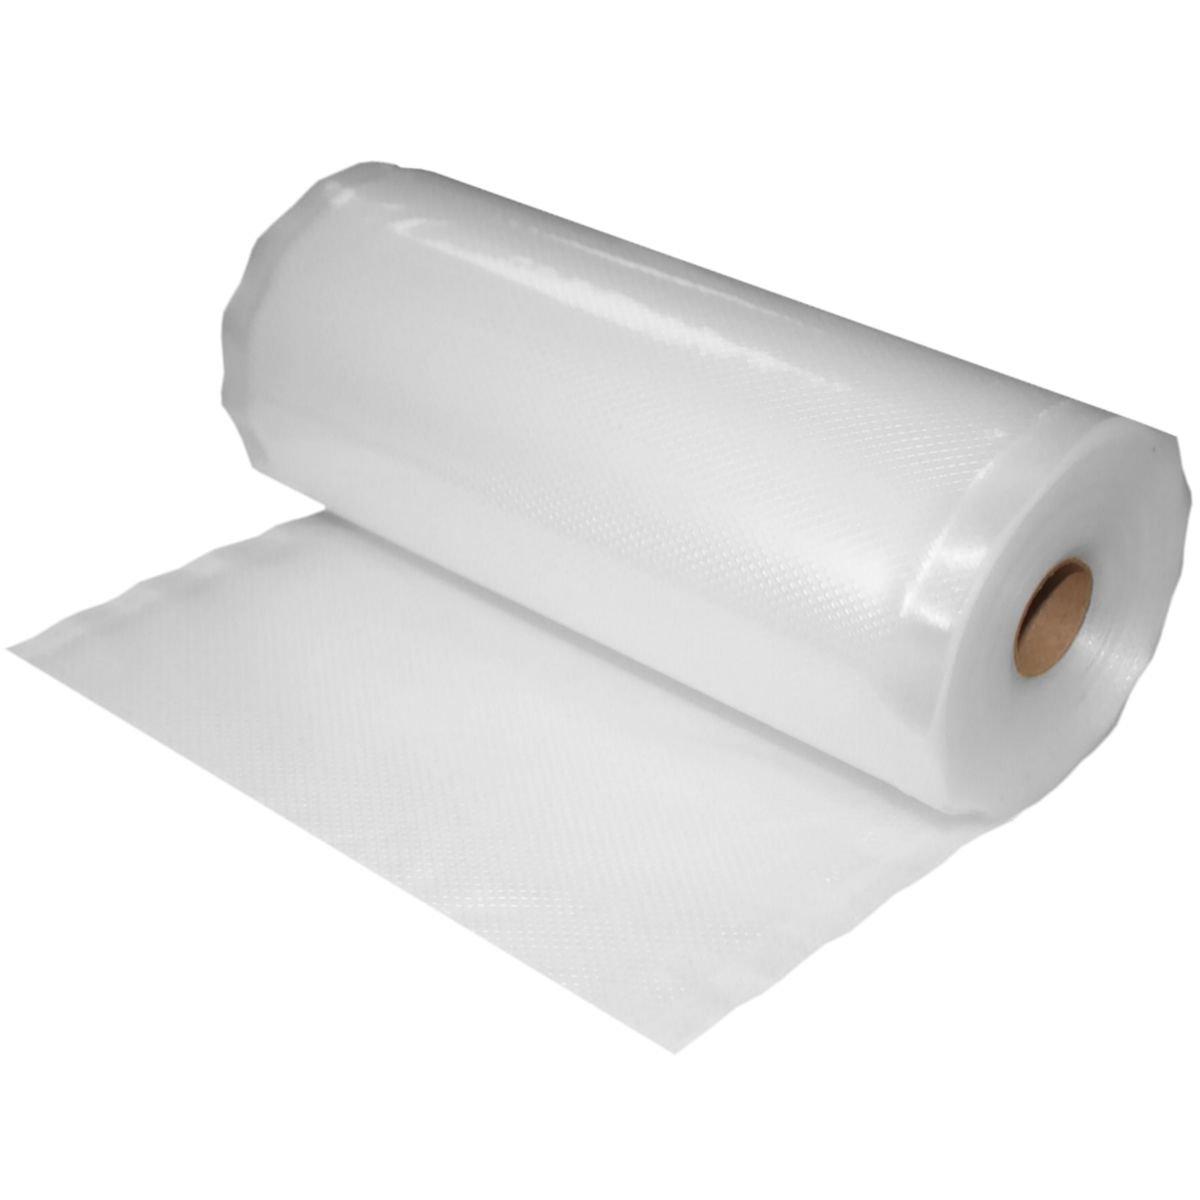 Freshield Плёнка рифлёная для вакуумной упаковки, 230мм 15м